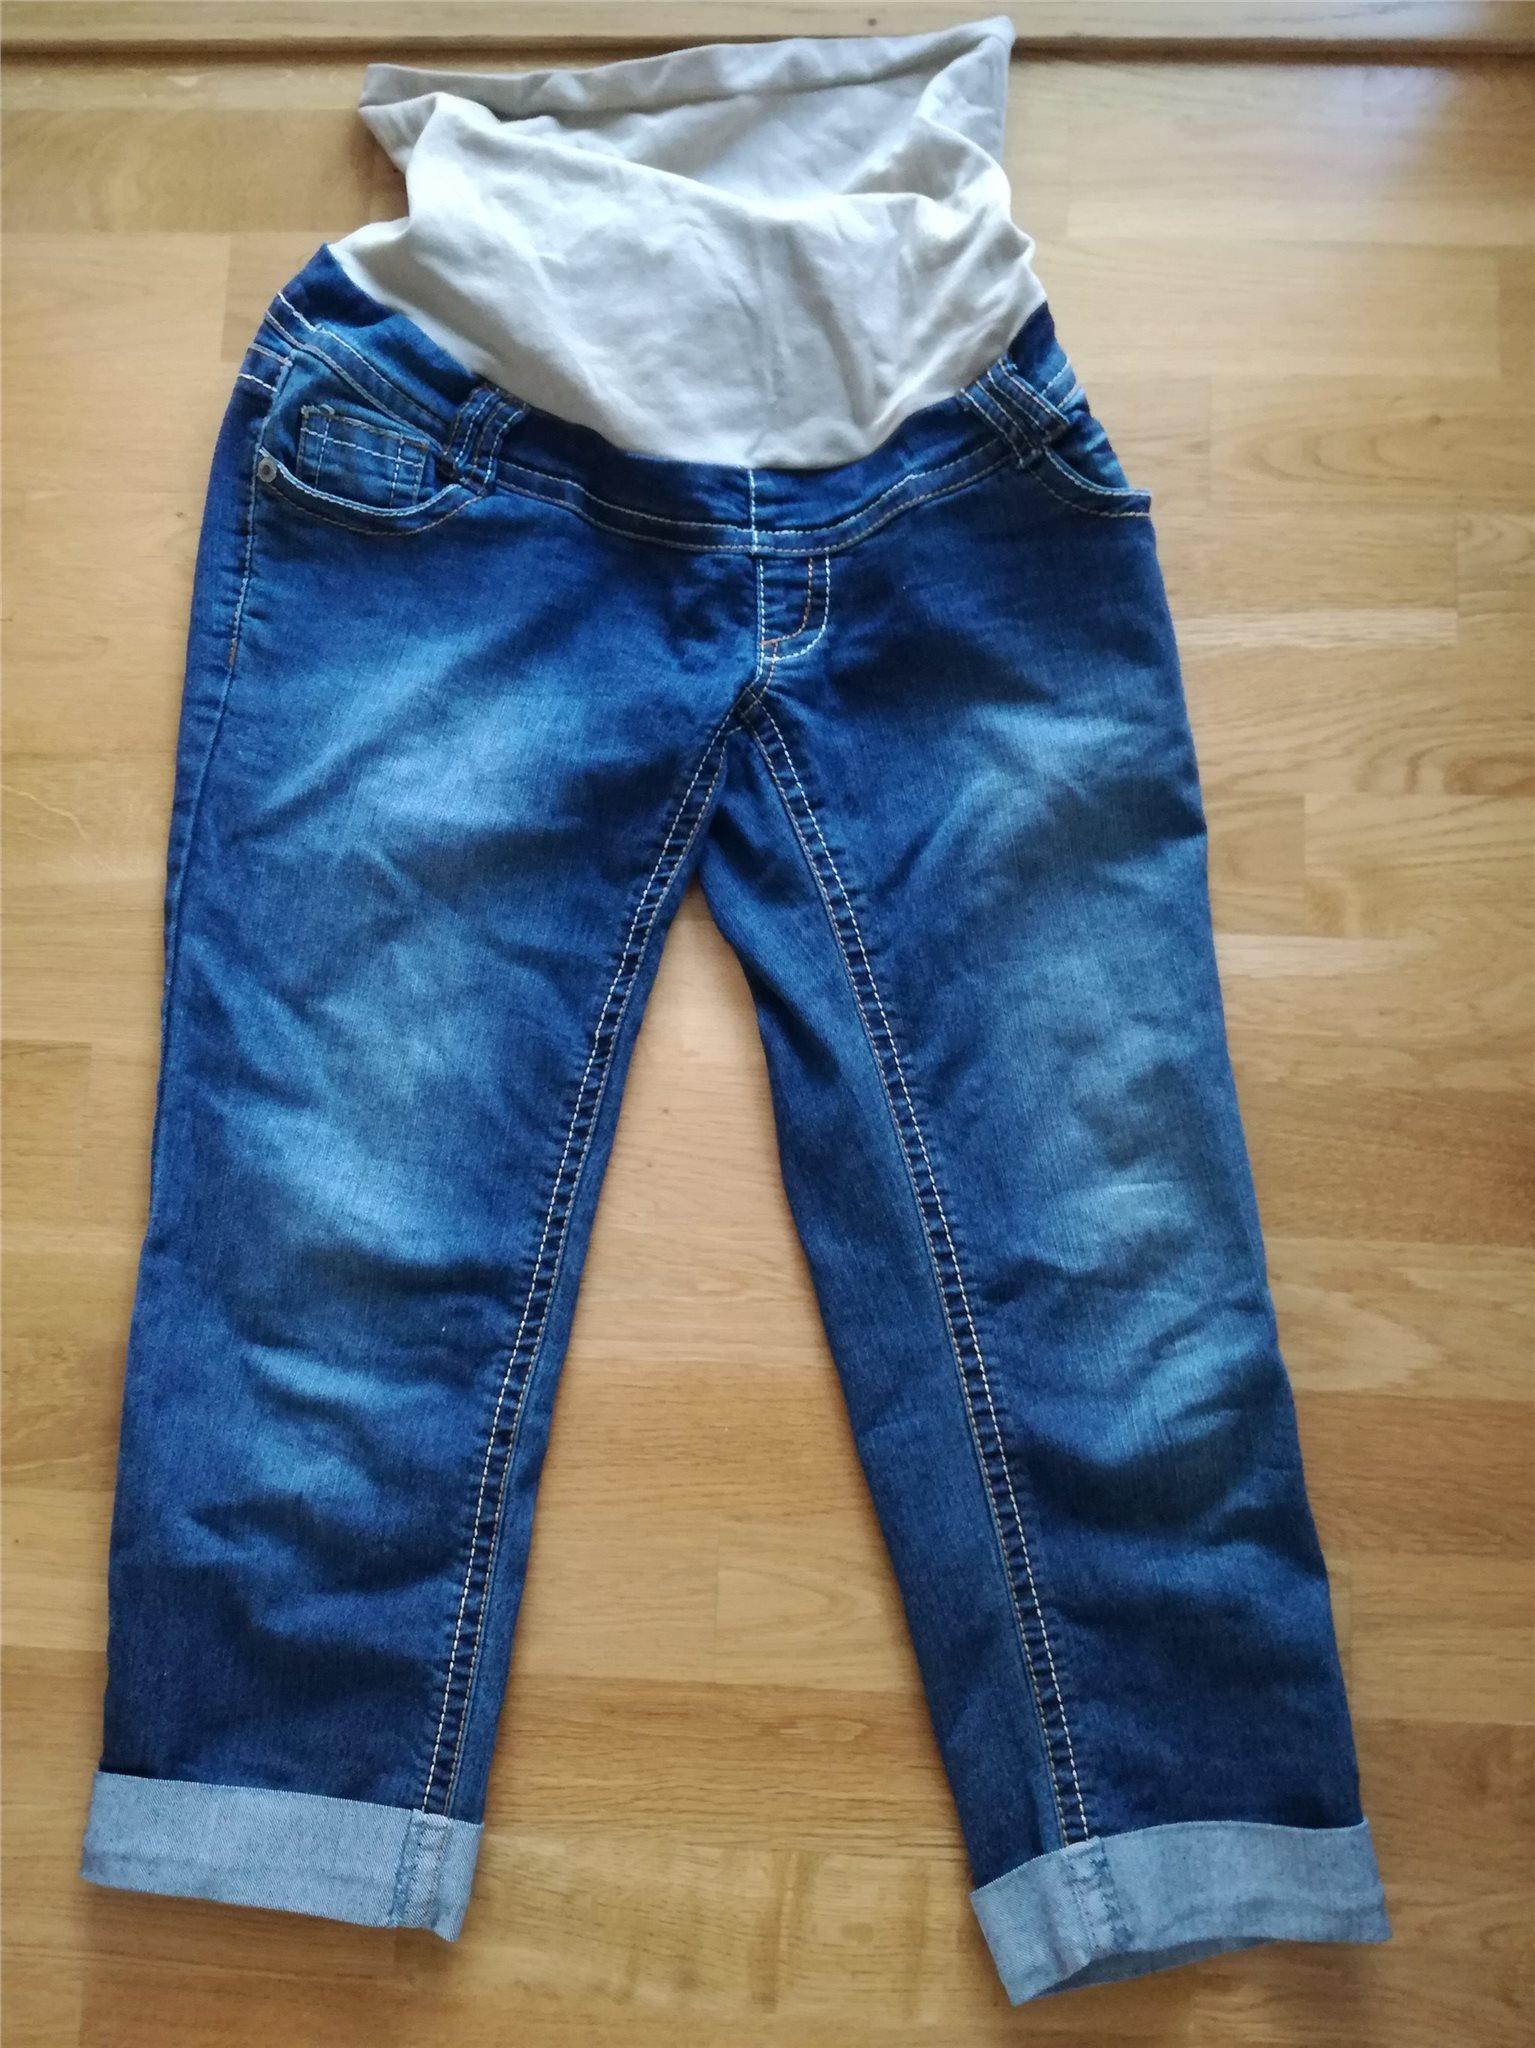 jeans storlek 38 motsvarar